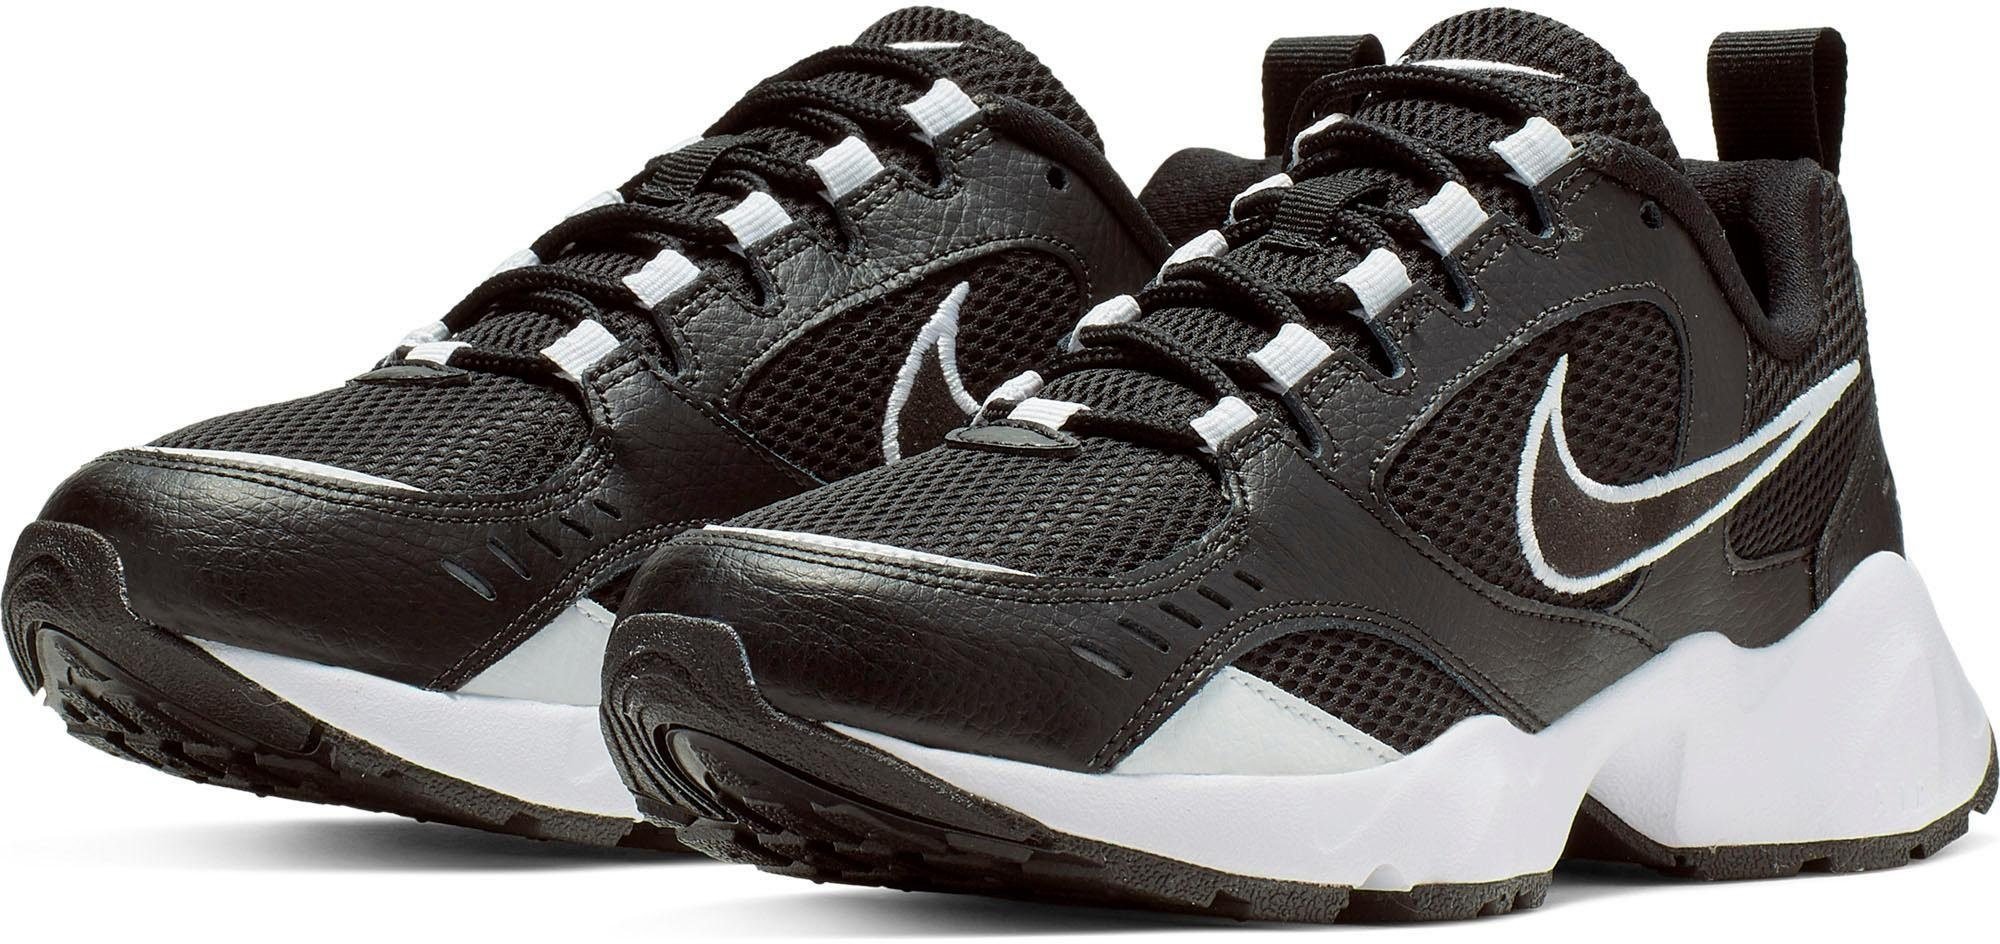 Nike Sportswear »Tanjun Wmns« Sneaker, Stylischer Sneaker von Nike Sportswear online kaufen   OTTO